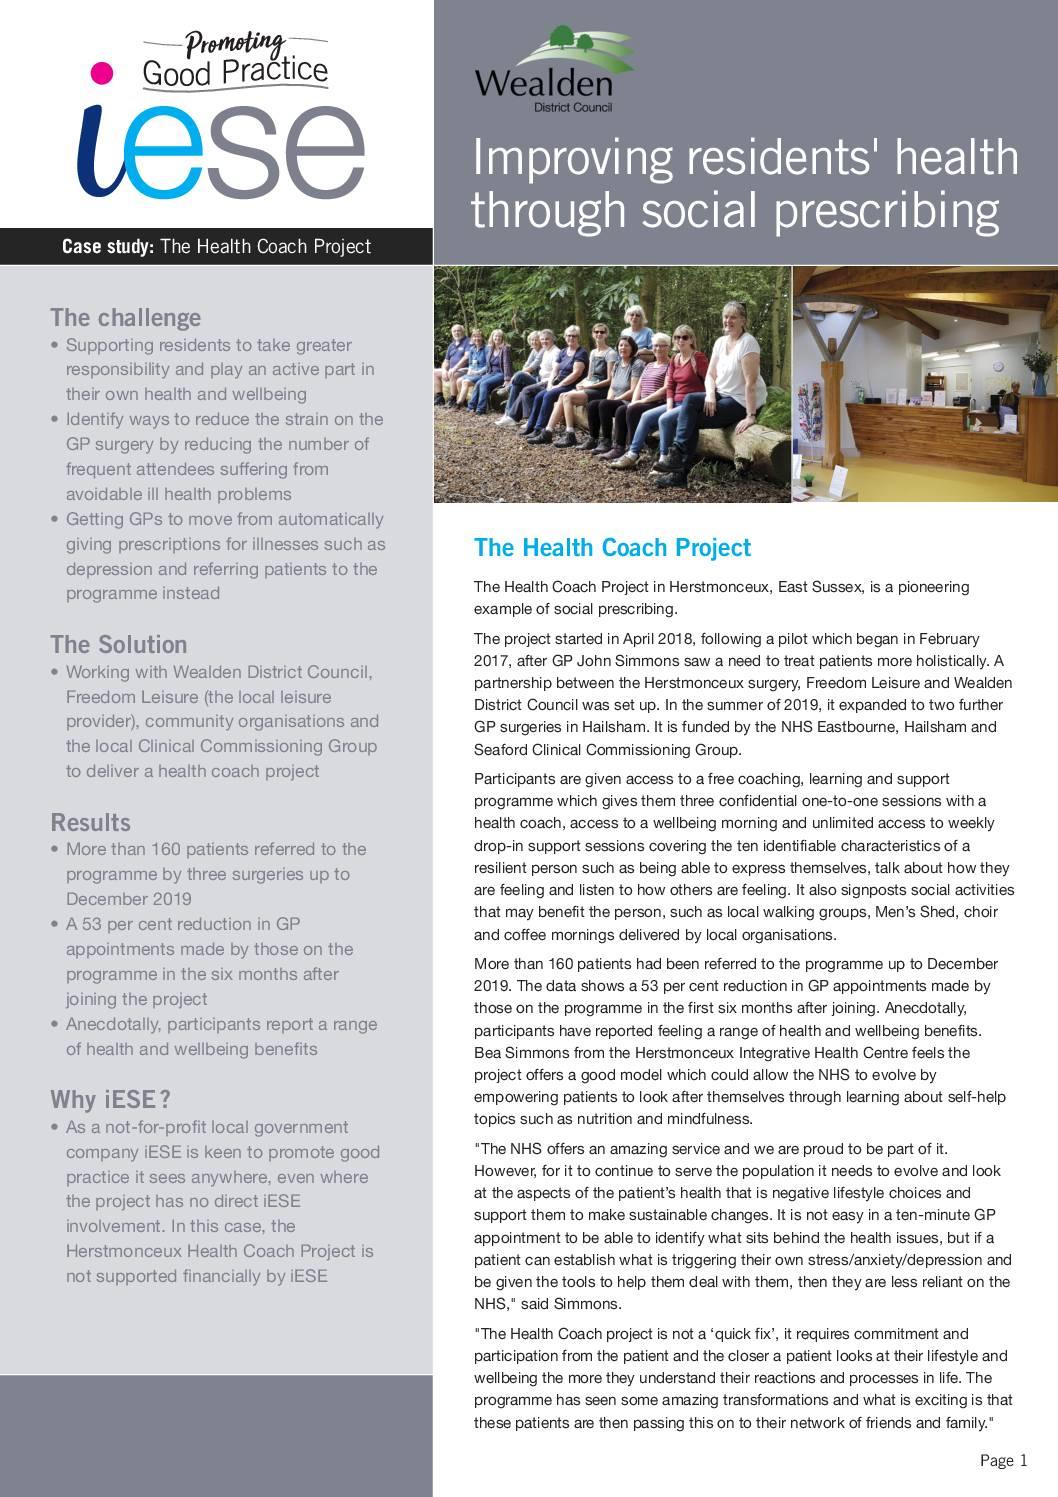 Social Prescribing Improves Health